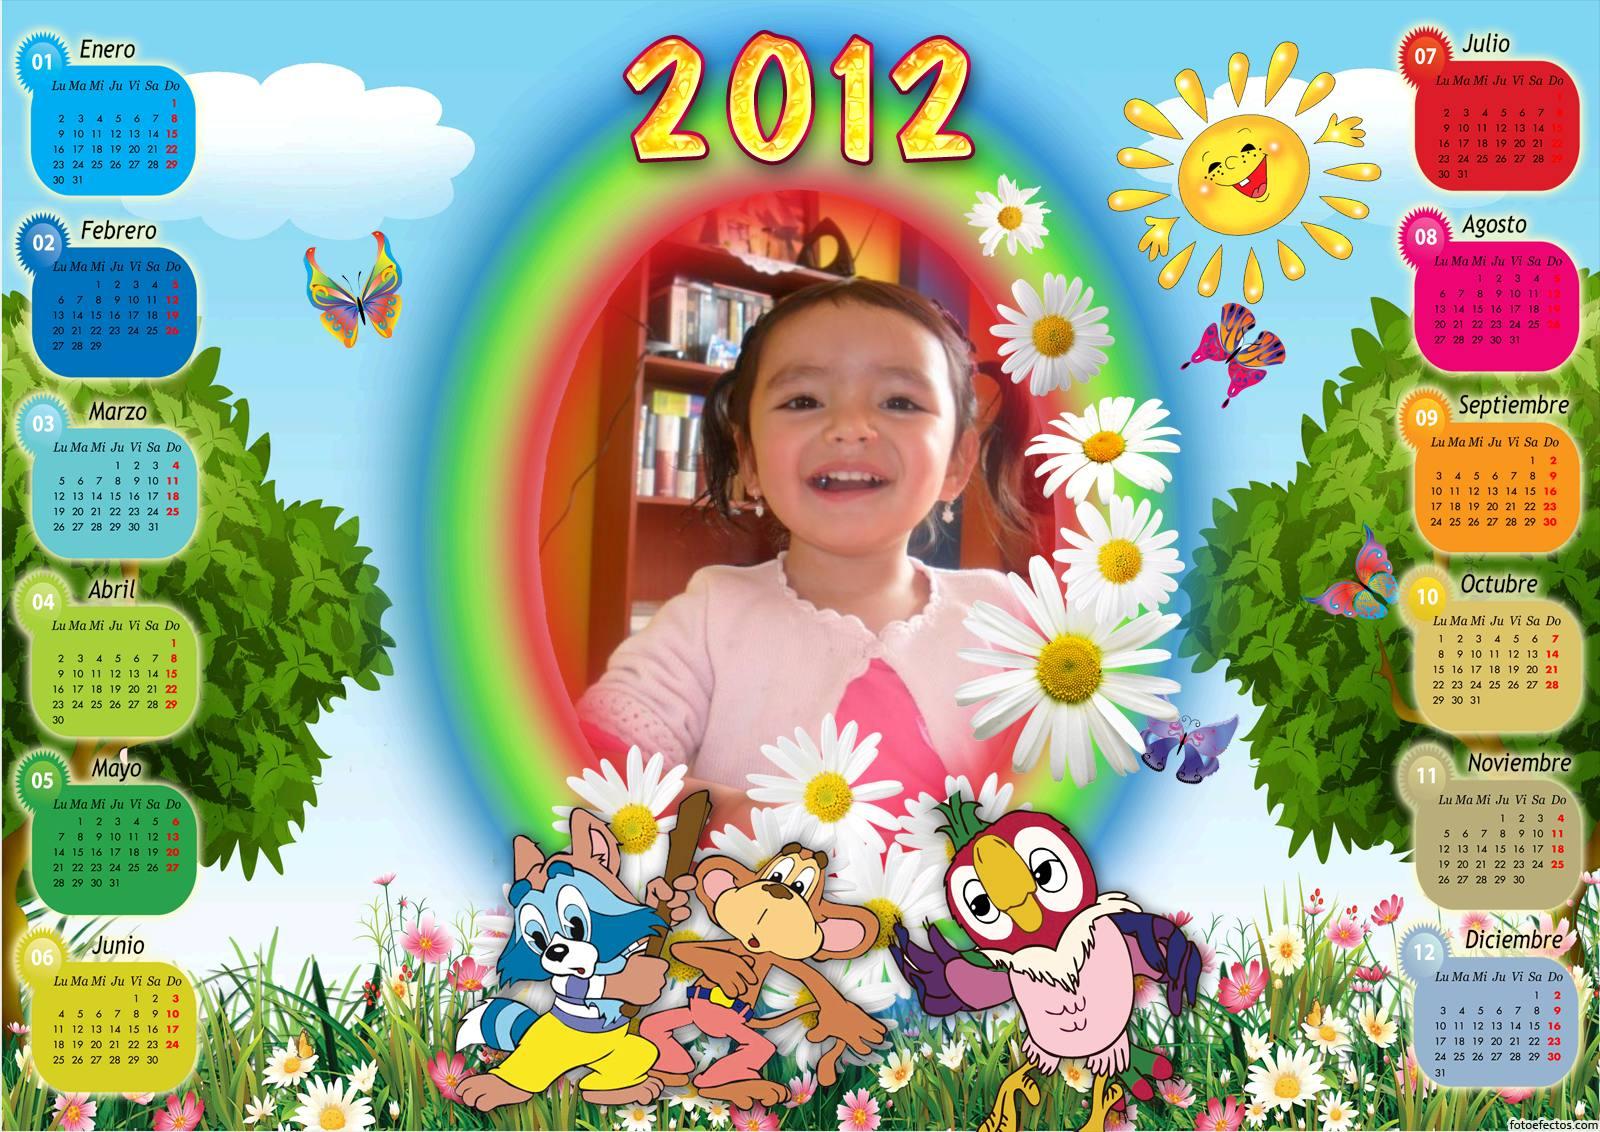 Calendario del 2012 personalizable